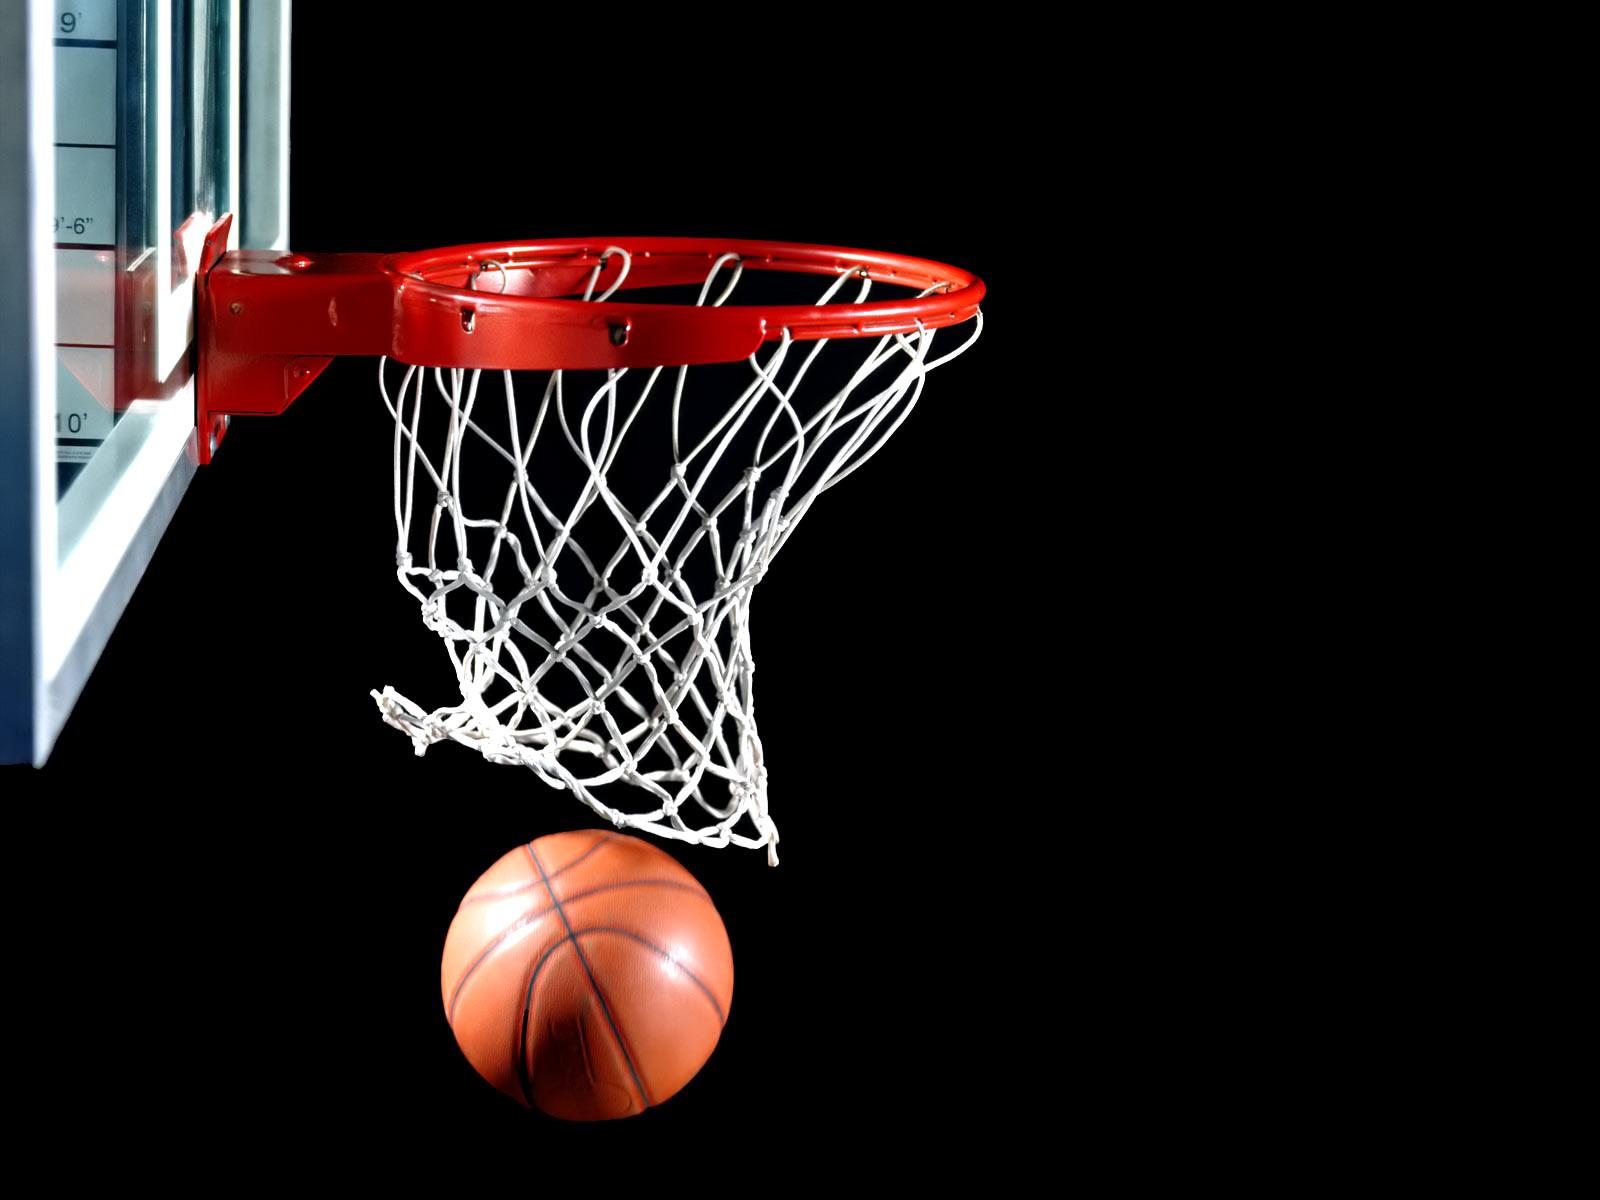 basketball hd wallpapers cool desktop backgrounds   Christ Church 1600x1200